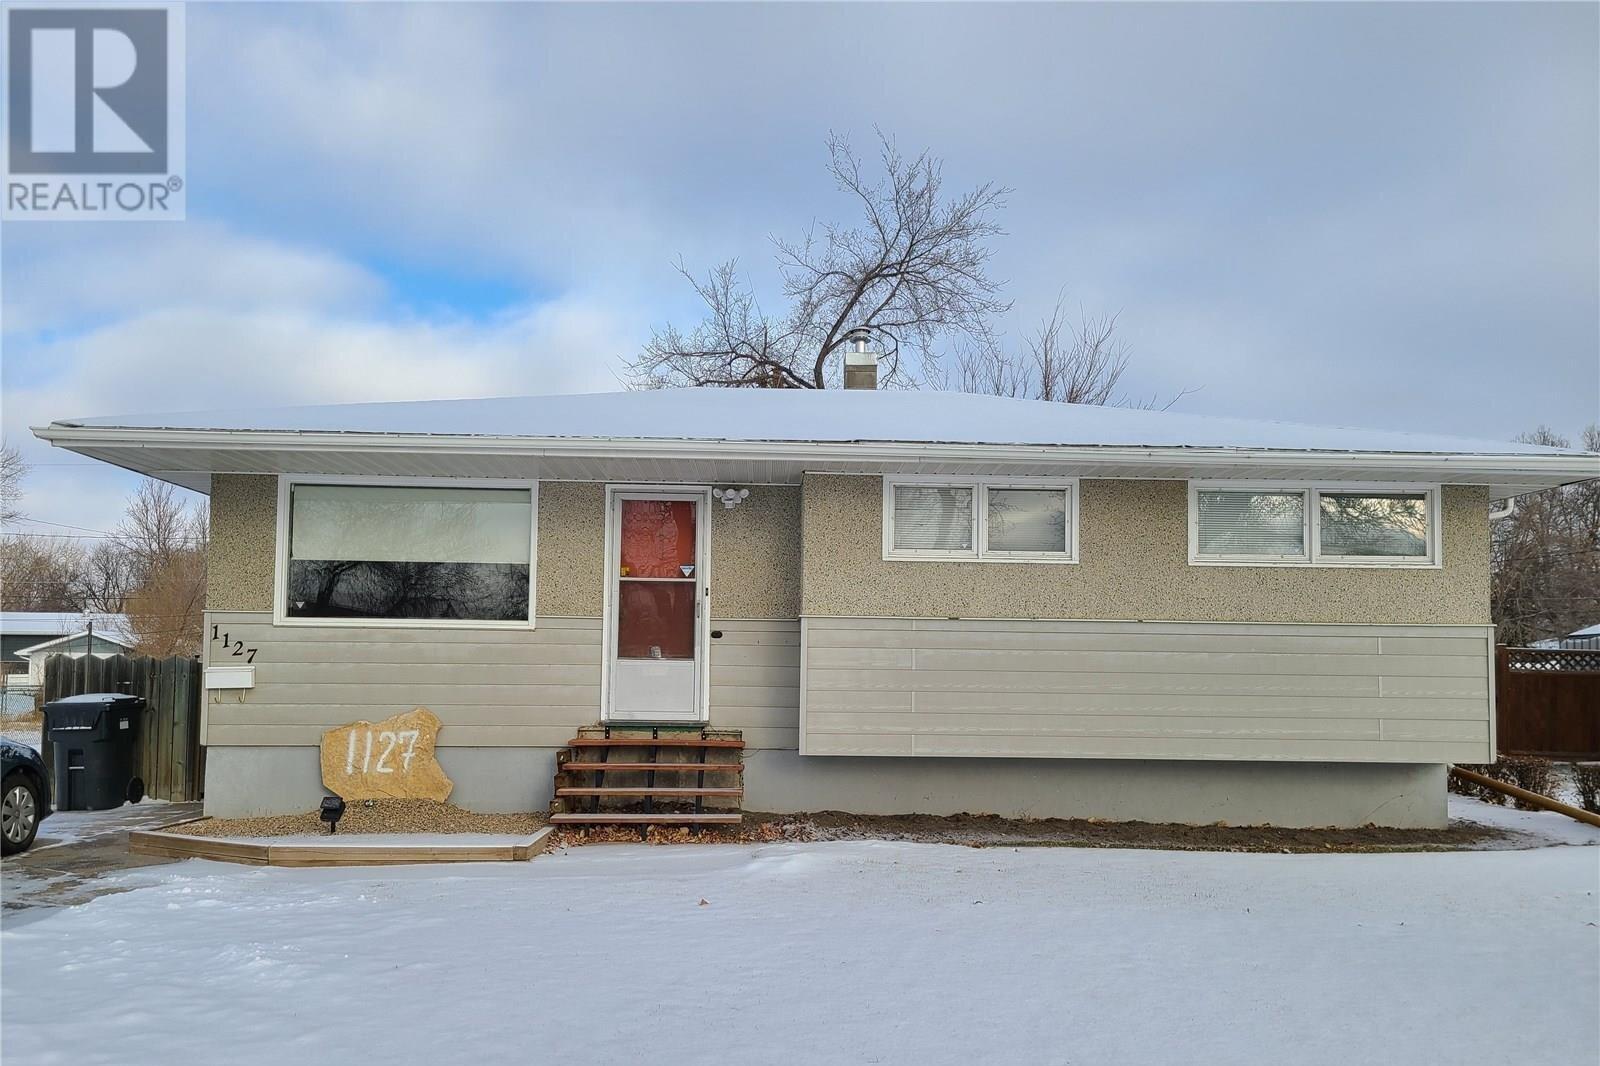 House for sale at 1127 Bison Ave Weyburn Saskatchewan - MLS: SK834207